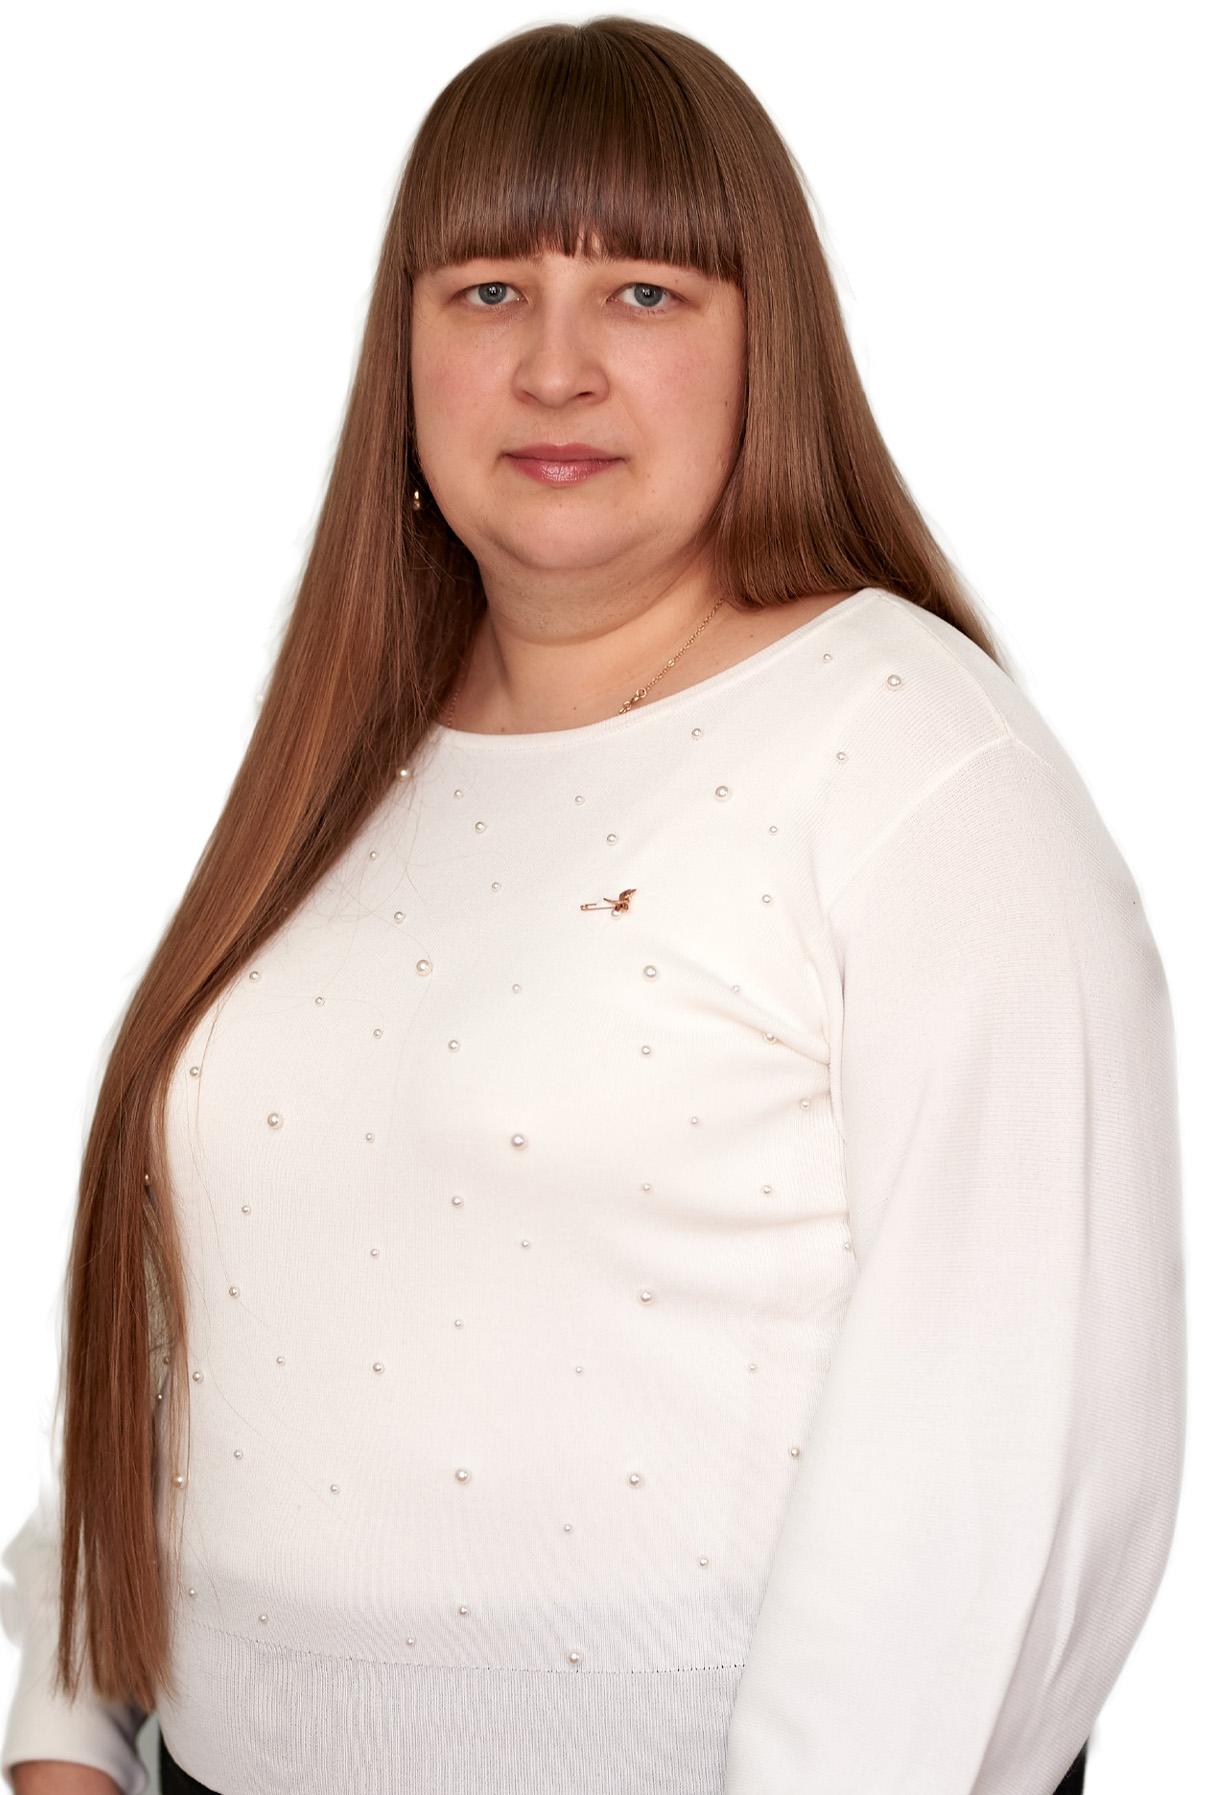 Лариса Макарук